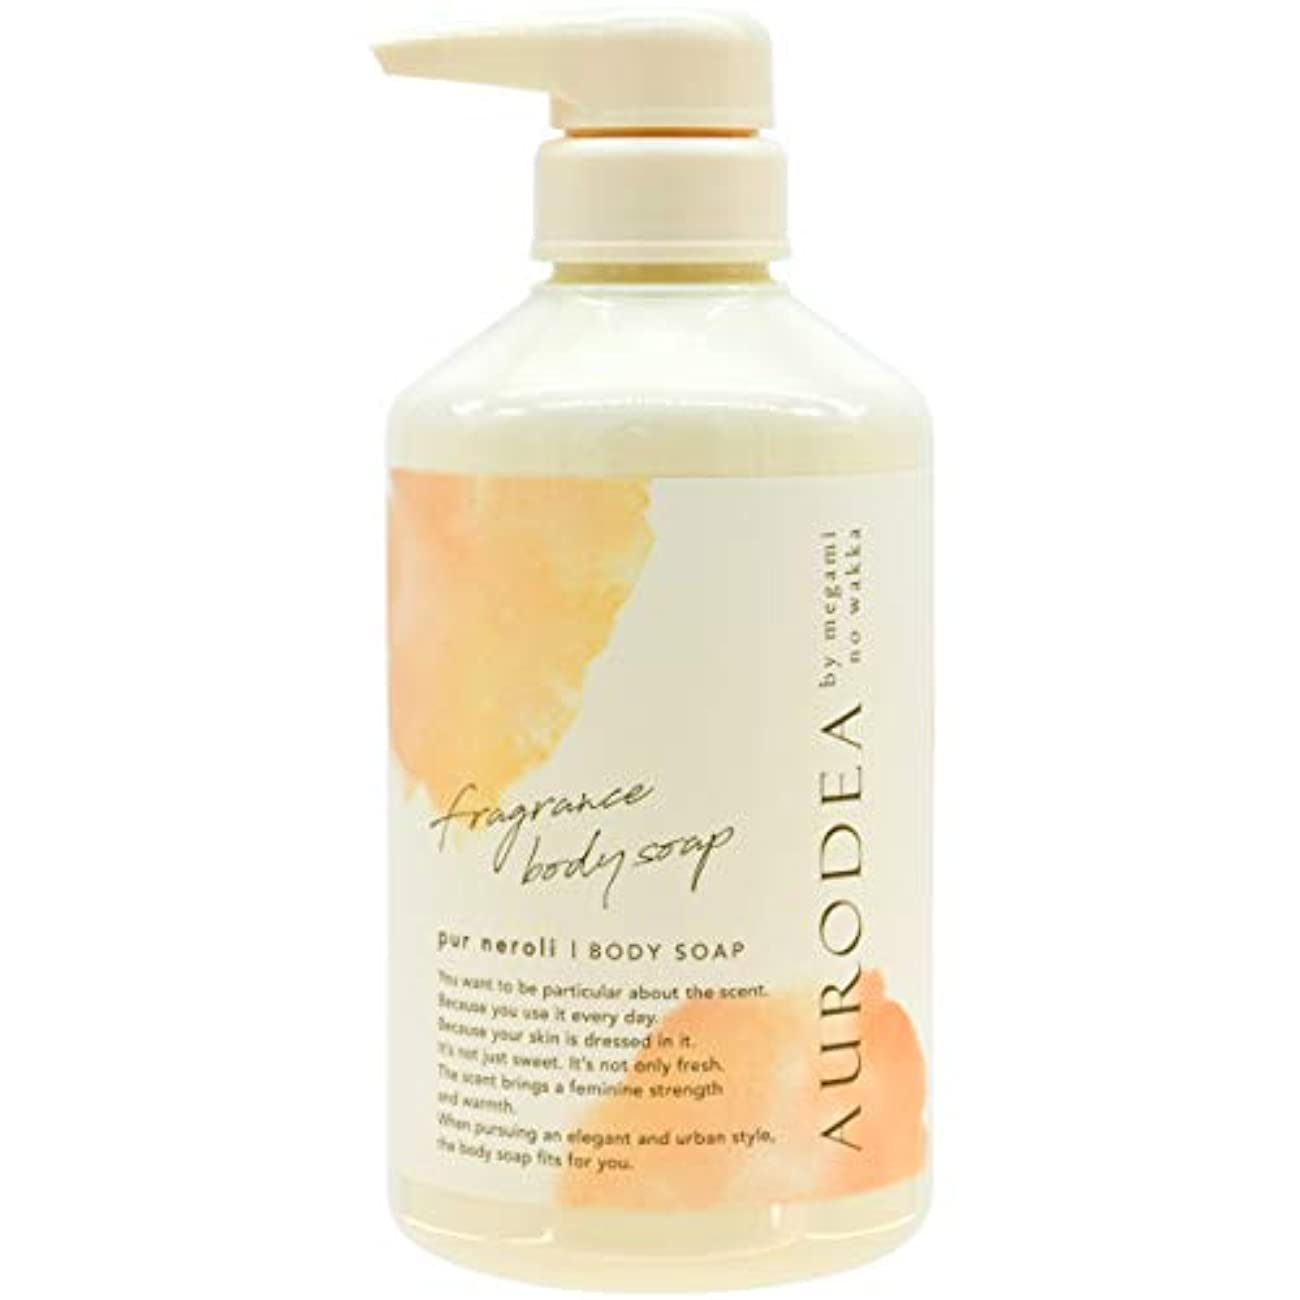 必需品インペリアル陰謀AURODEA (アウロディア) フレグランス ボディソープ ピュールネロリの香り [ 植物由来 敏感肌 ] 480ml せっけんベース 4種の ビタミン by megami no wakka